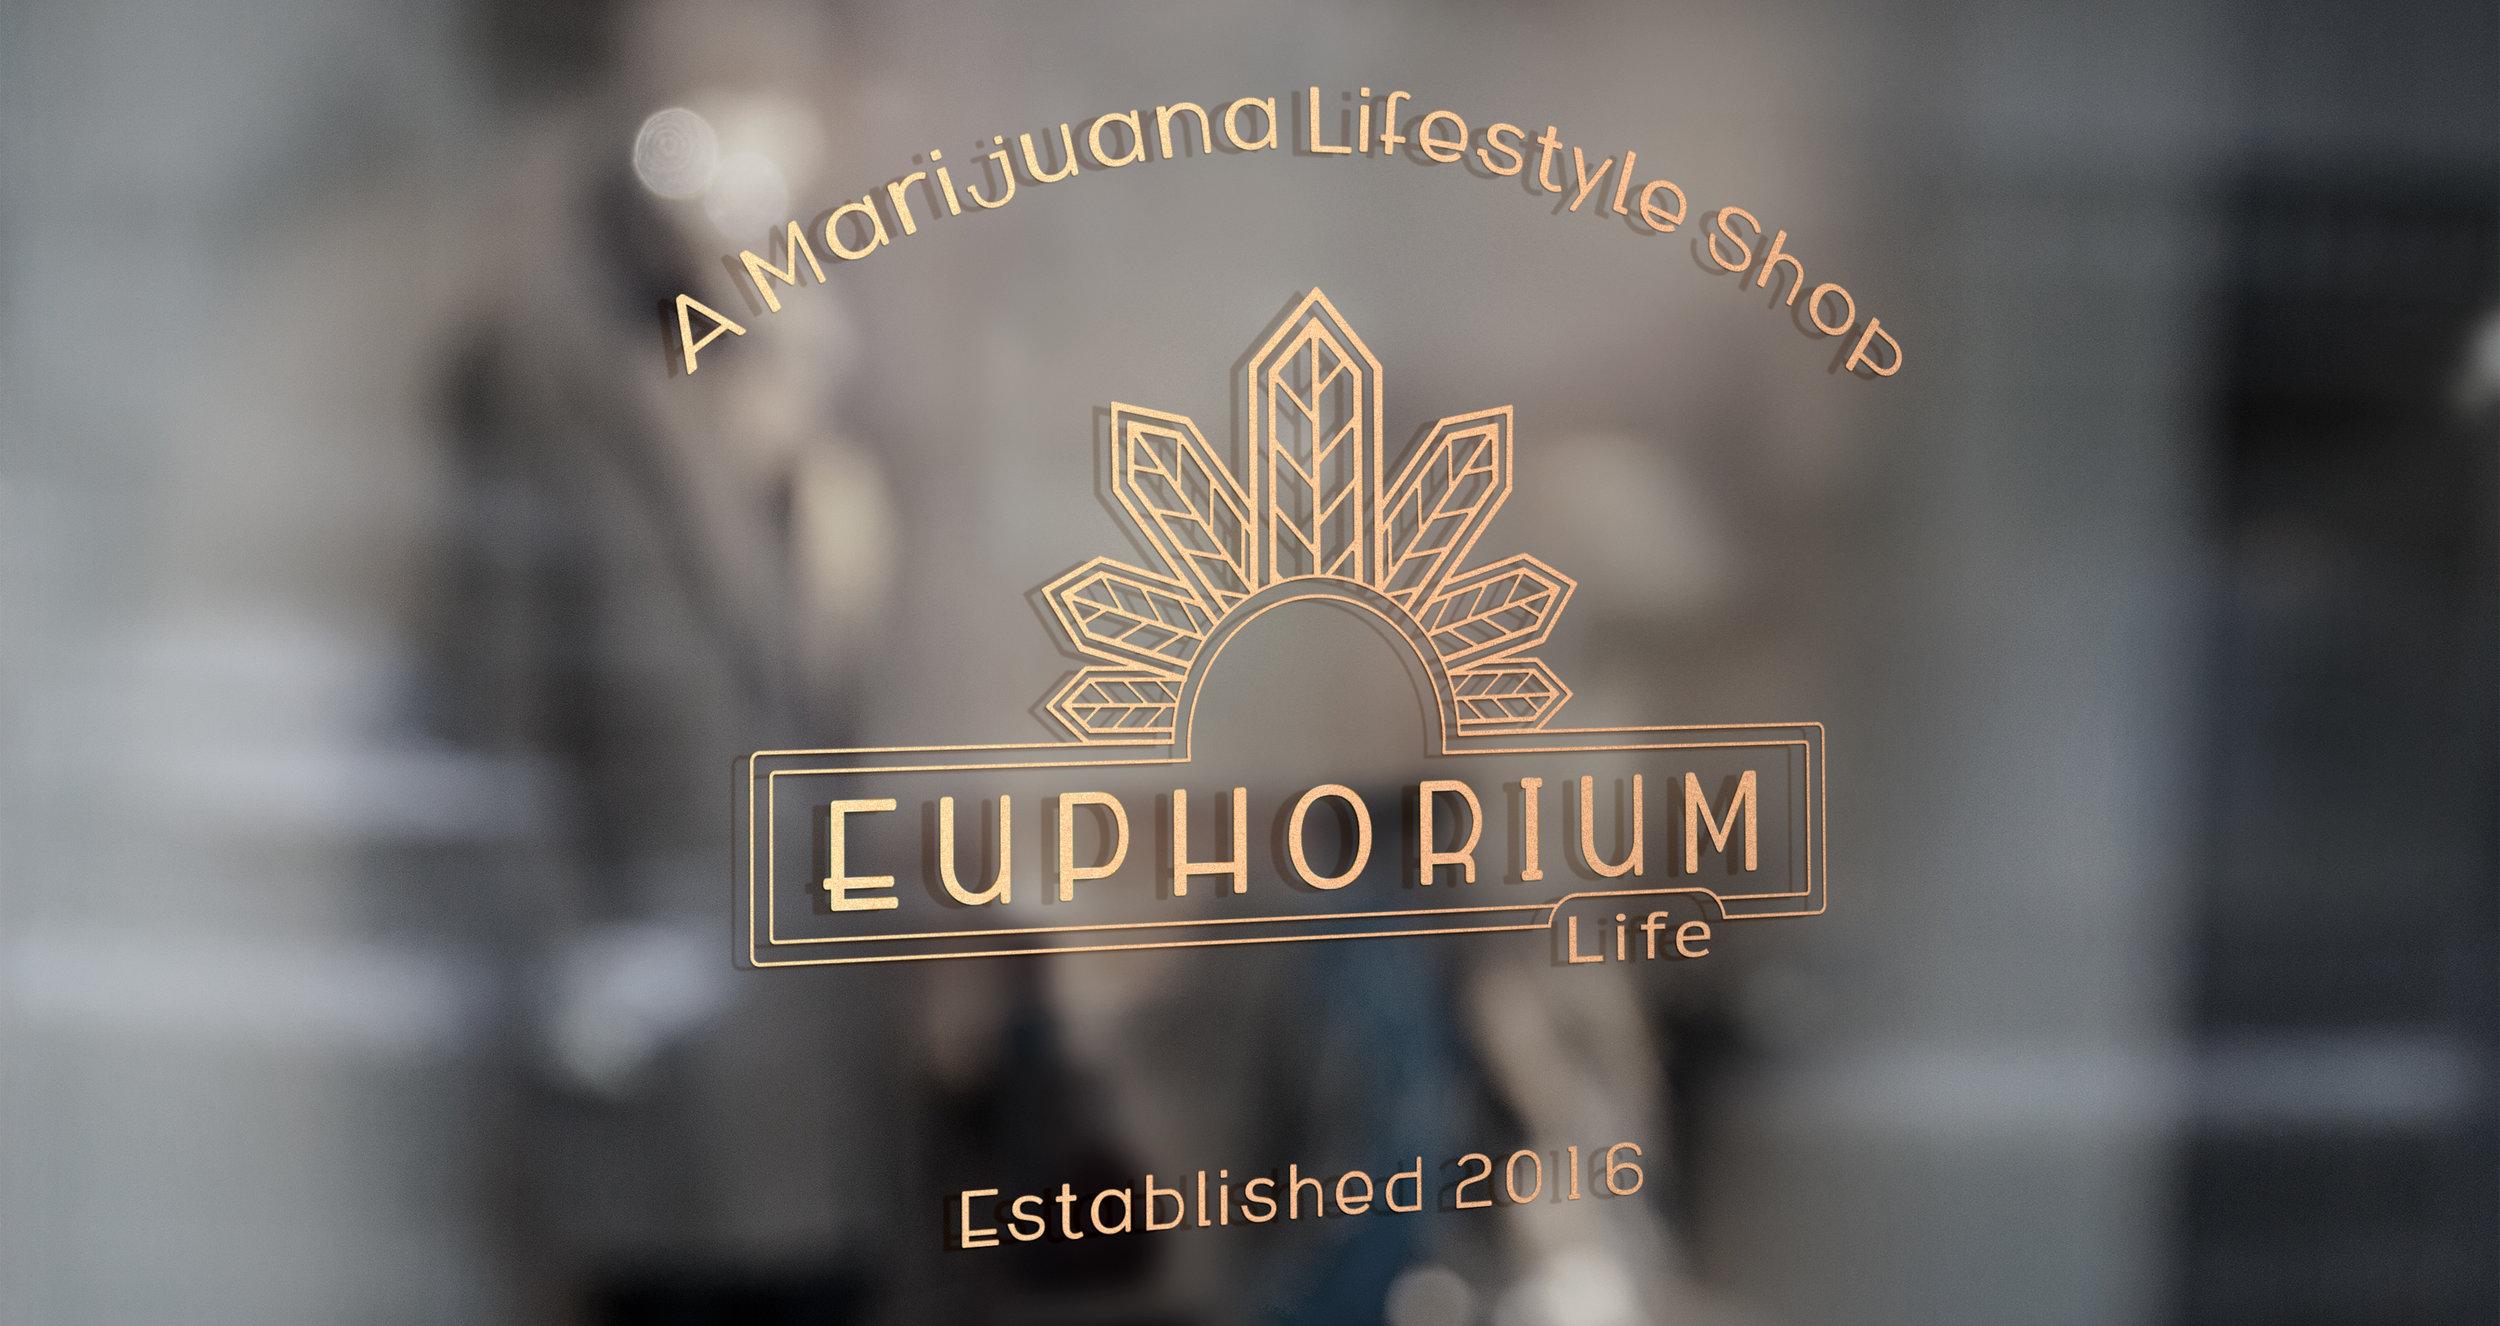 Euphoriumwindowmockup.jpg